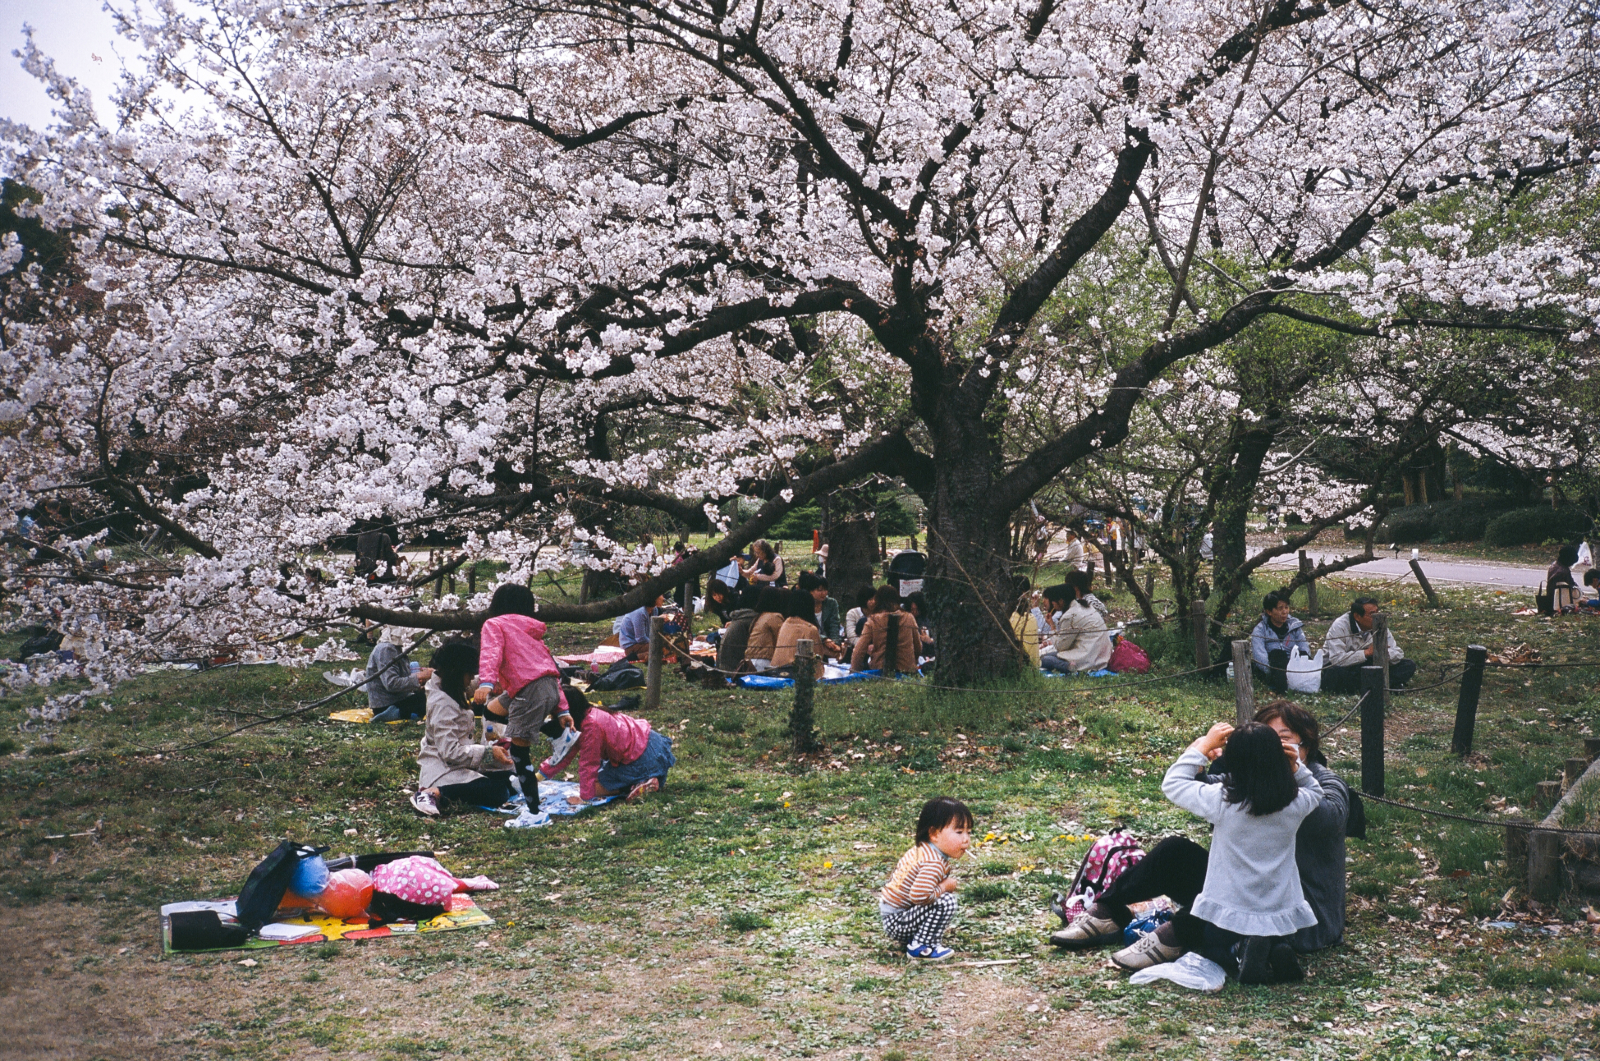 「京都府立植物園」野餐 | 櫻花祭 | 攝影集